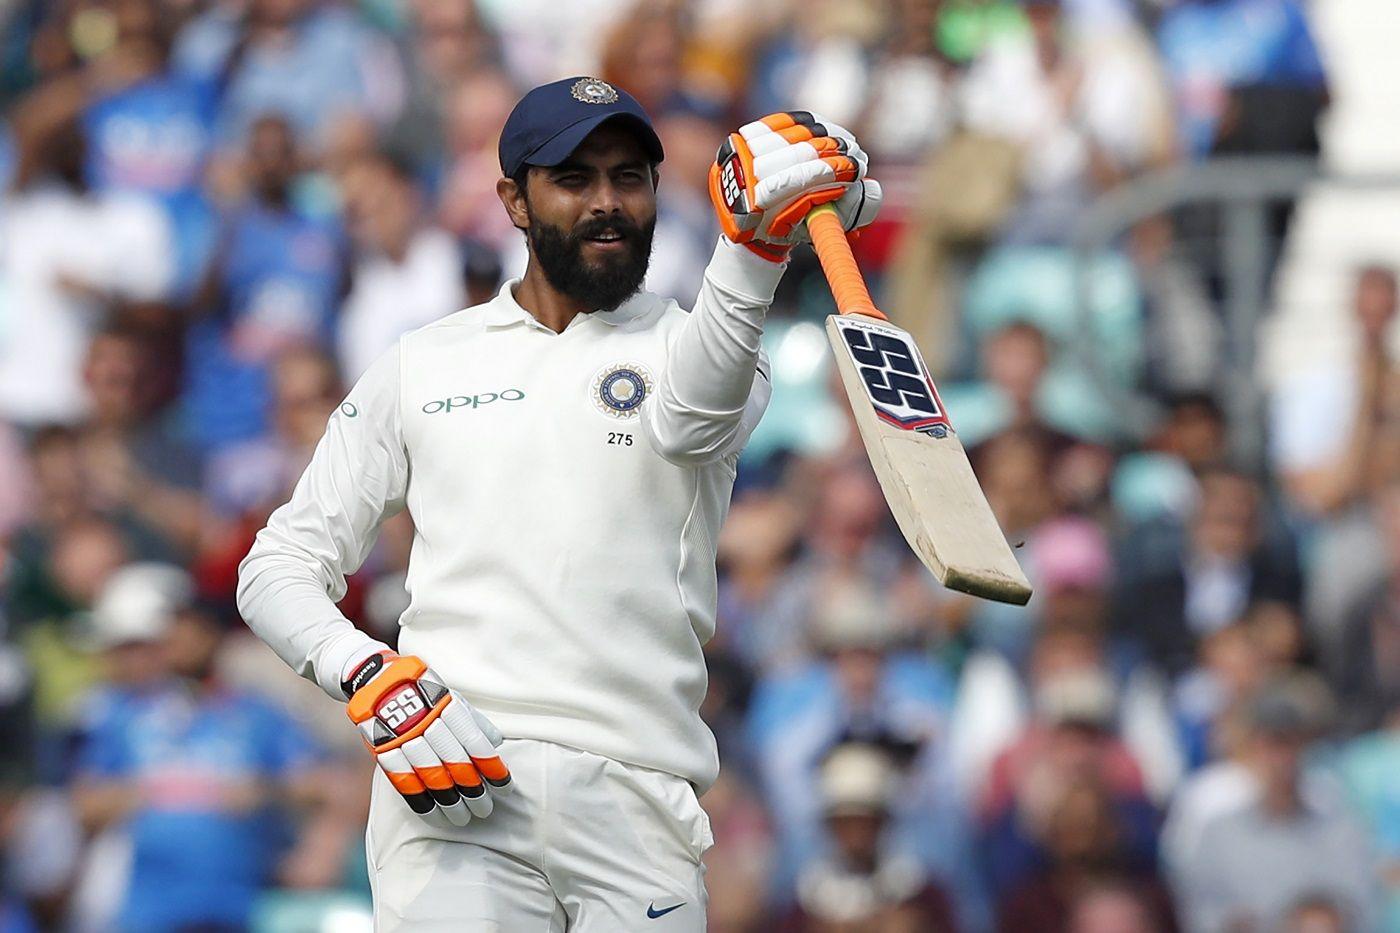 5 भारतीय क्रिकेटर जो 40 साल की उम्र तक खेल सकते हैं टीम इंडिया के लिए अंतरराष्ट्रीय क्रिकेट 4